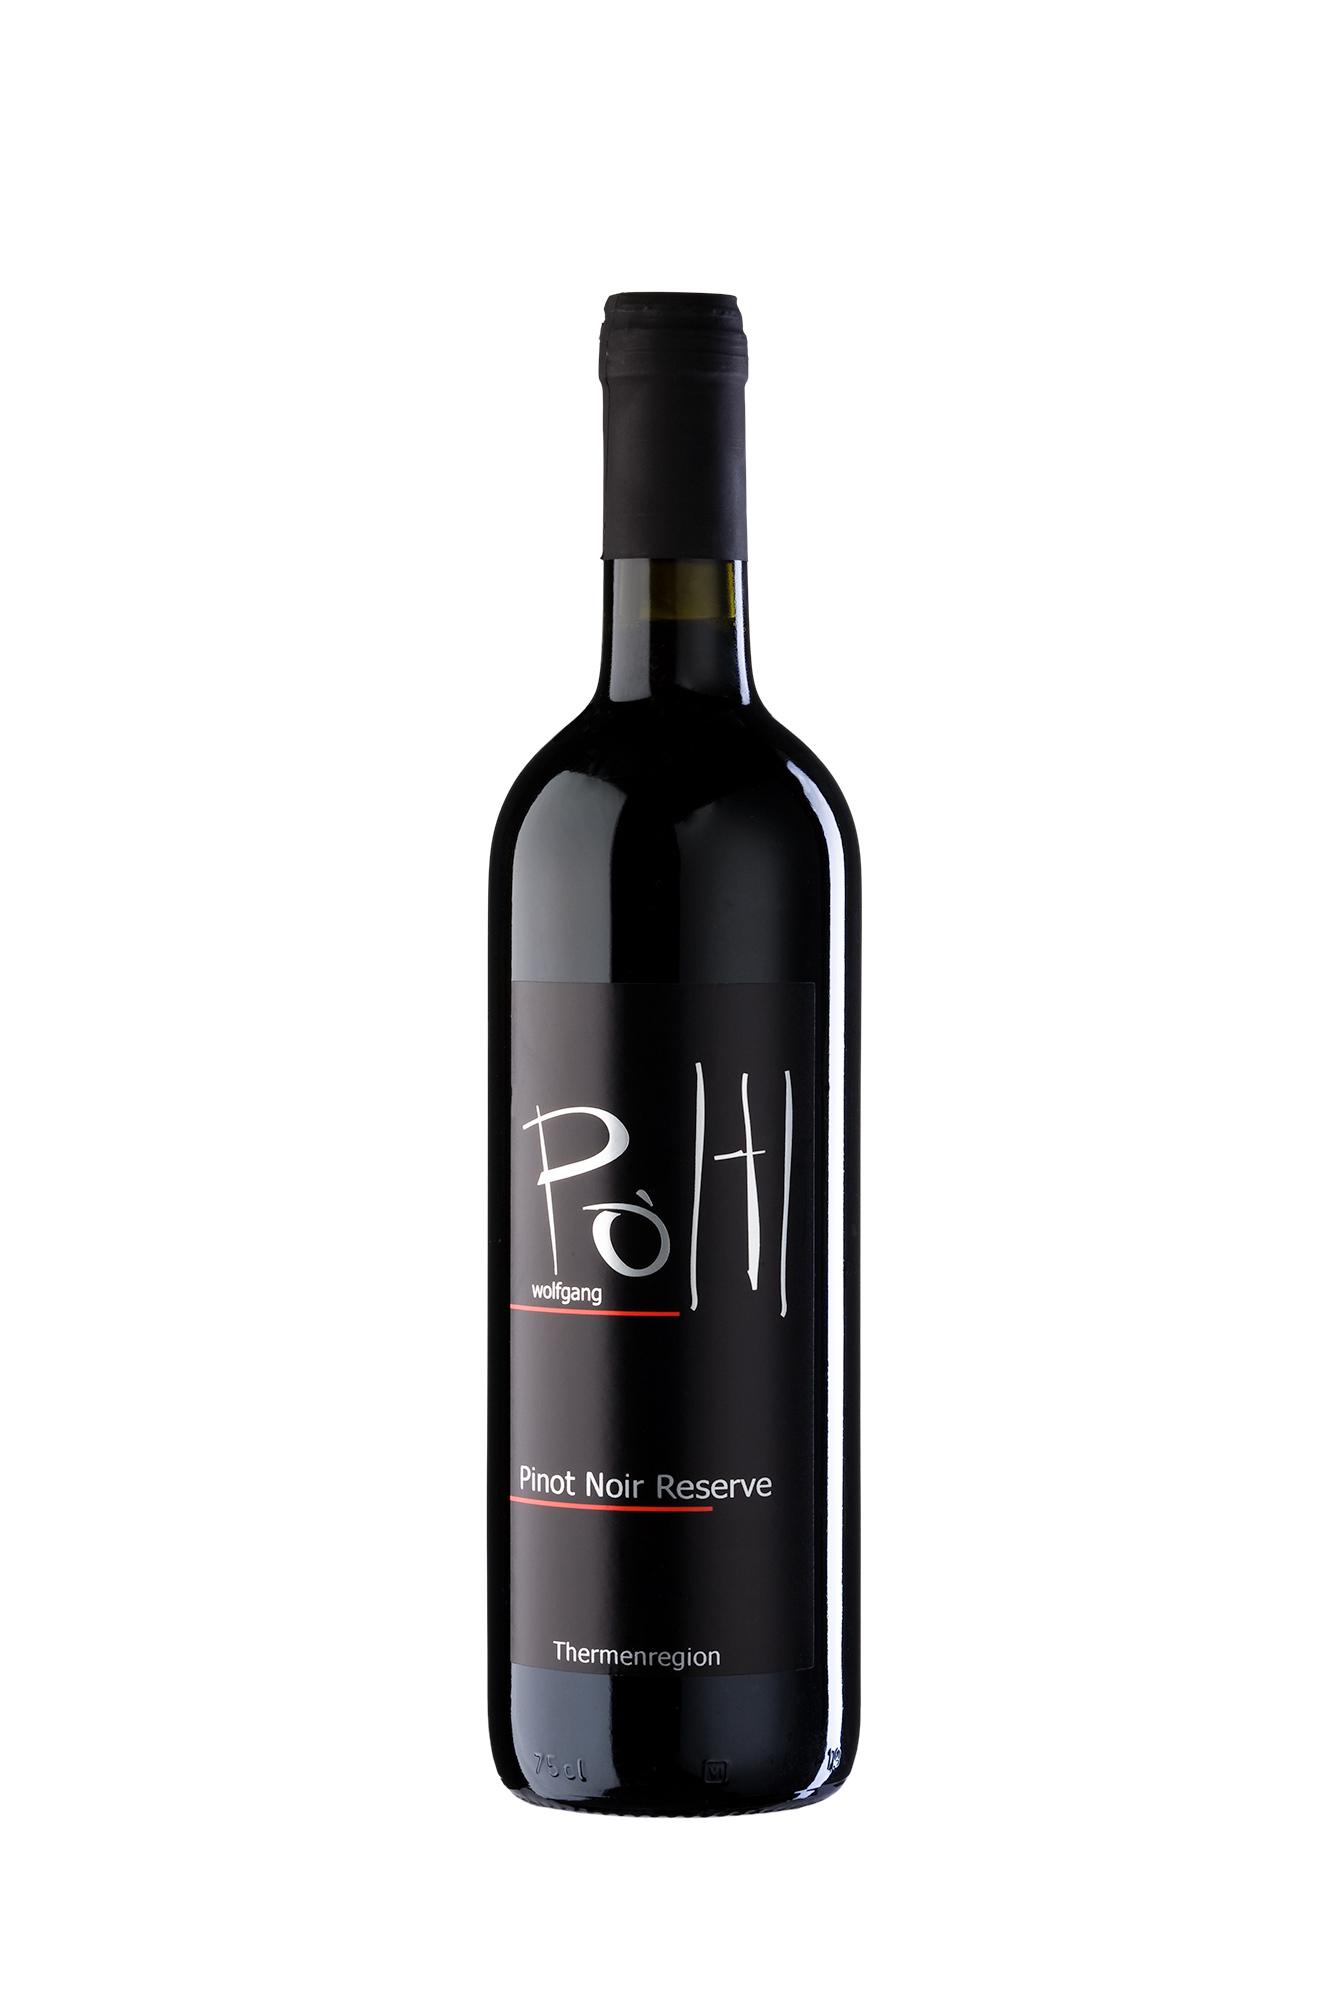 Pinot Noir Reserve 2018 Rotwein 0,75l